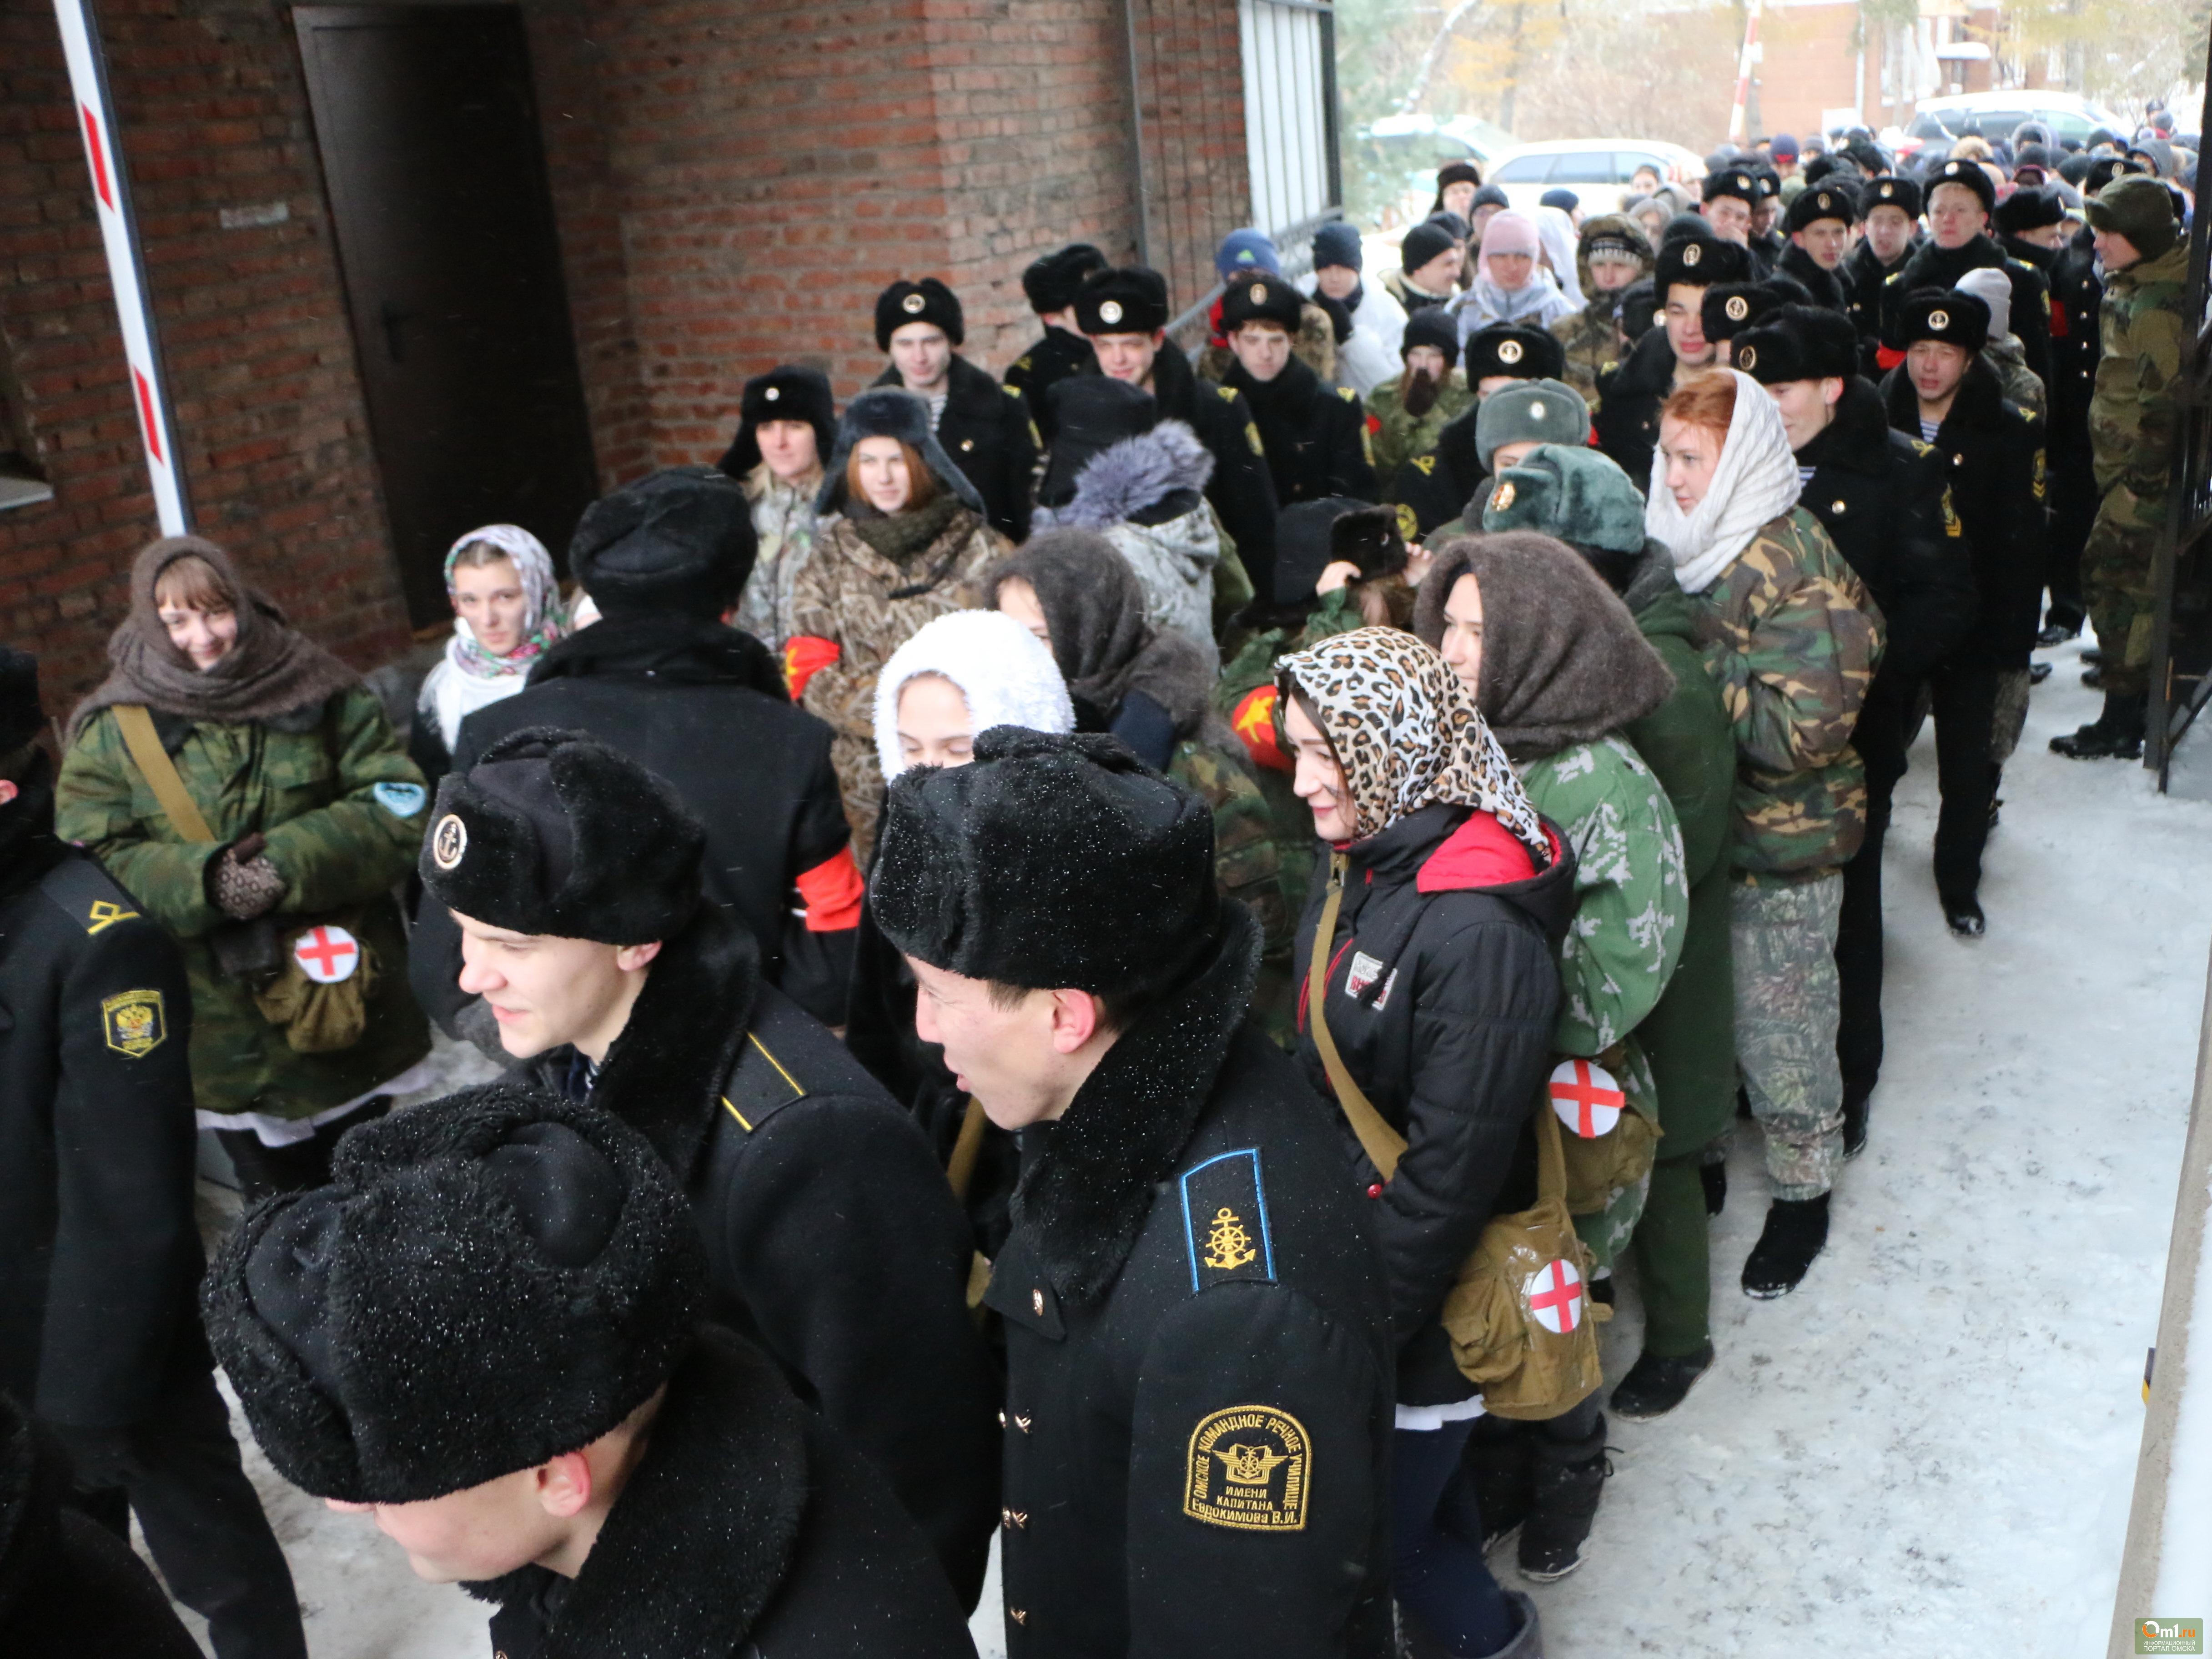 Студенты колледжа Омского медицинского университета реконструируют Севастопольское сражение